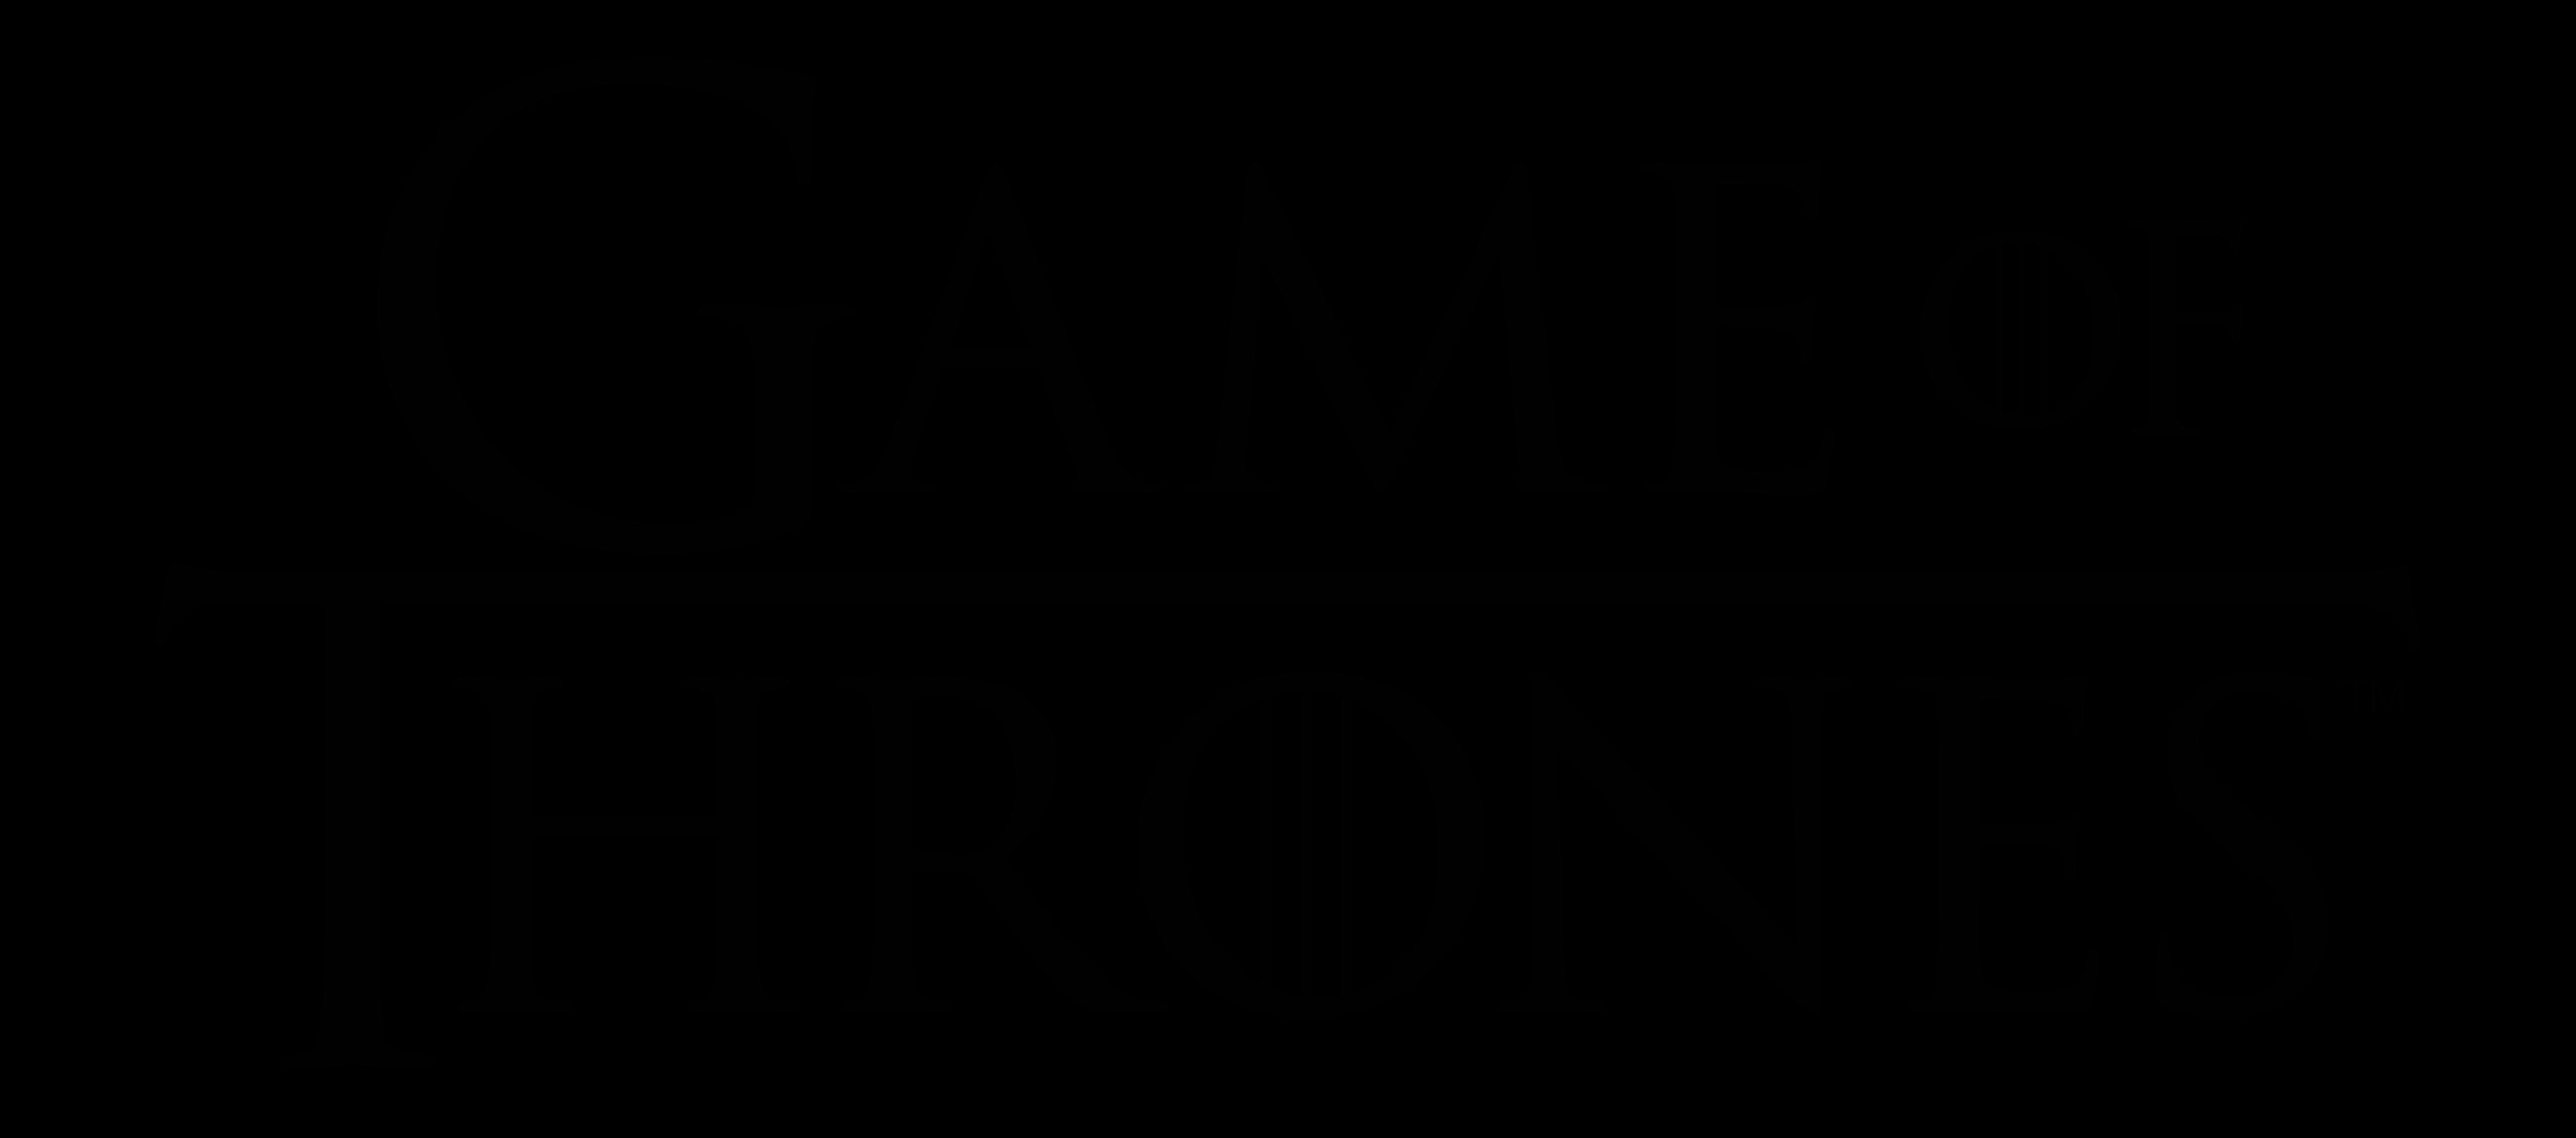 Αποτέλεσμα εικόνας για game of thrones logo